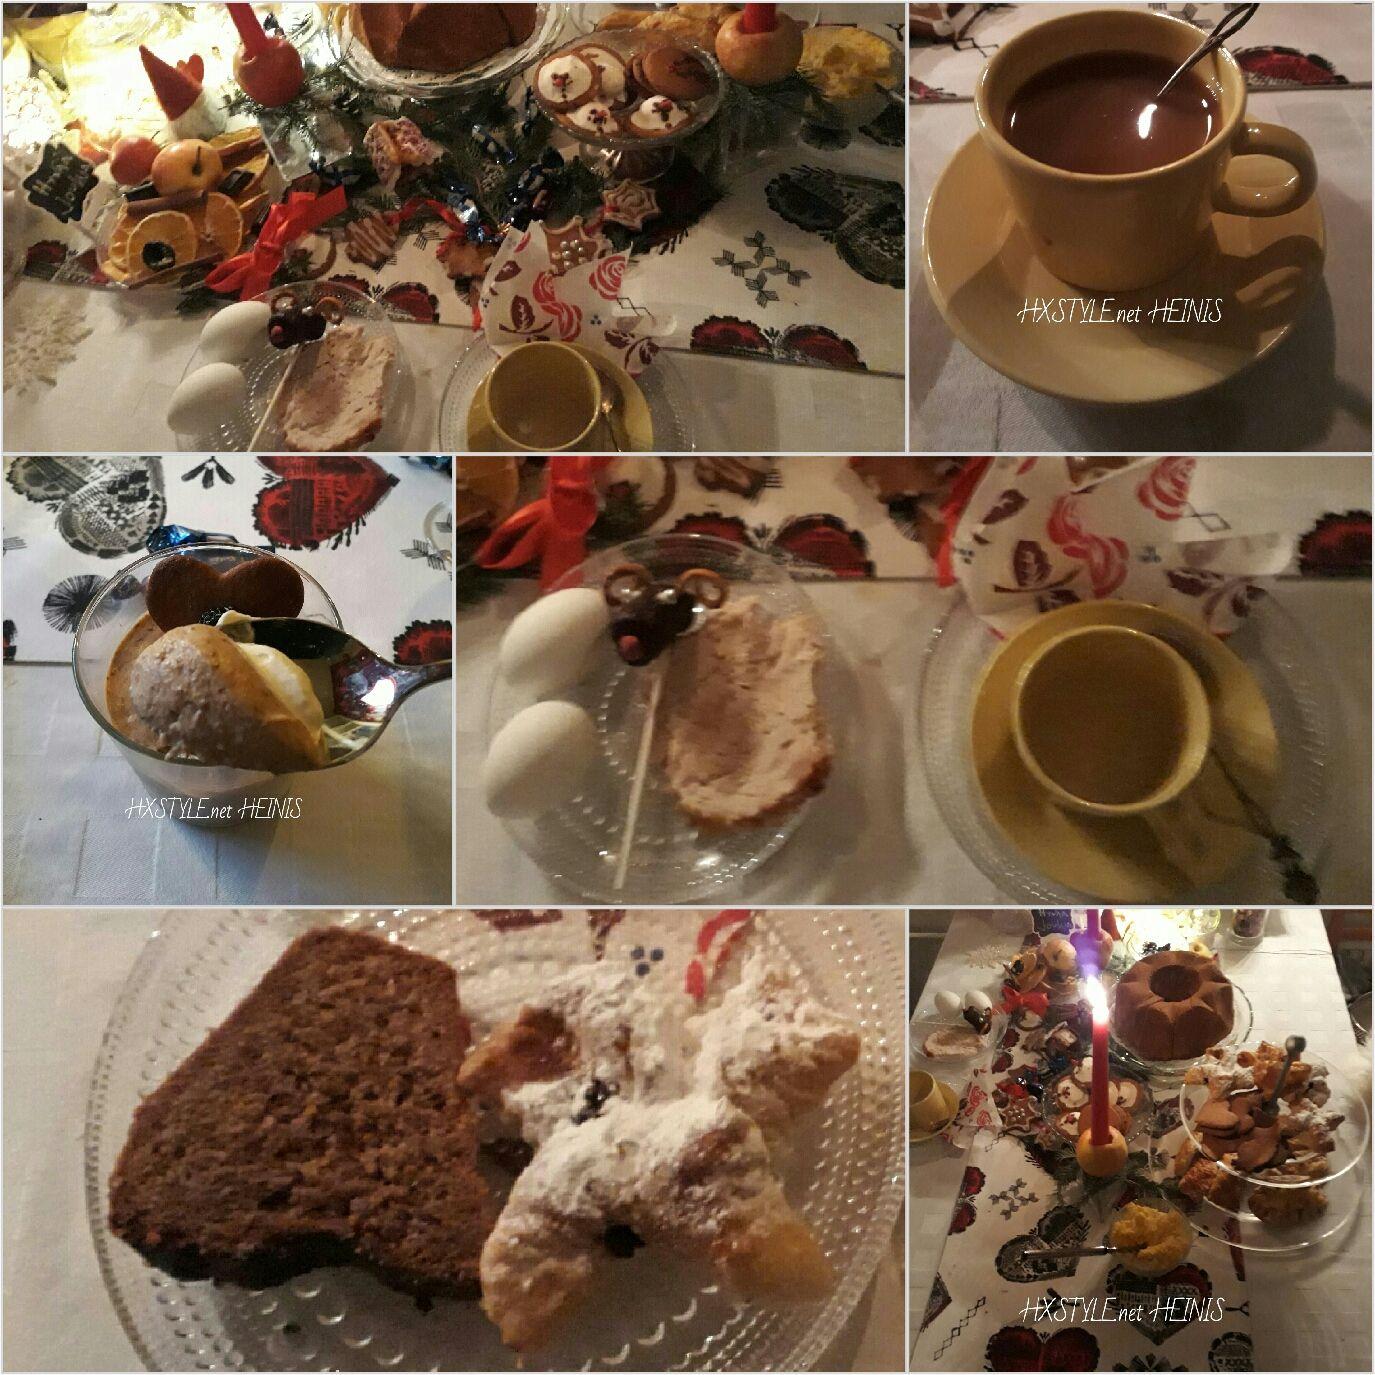 PERUS JUHLA&JOULU PÖYDÄN KATTAUS, Ruoka ja Kahvipöytään…    KATSO JOULU 2017…PÖYDÄN KATTAUS 1/2 RUO…